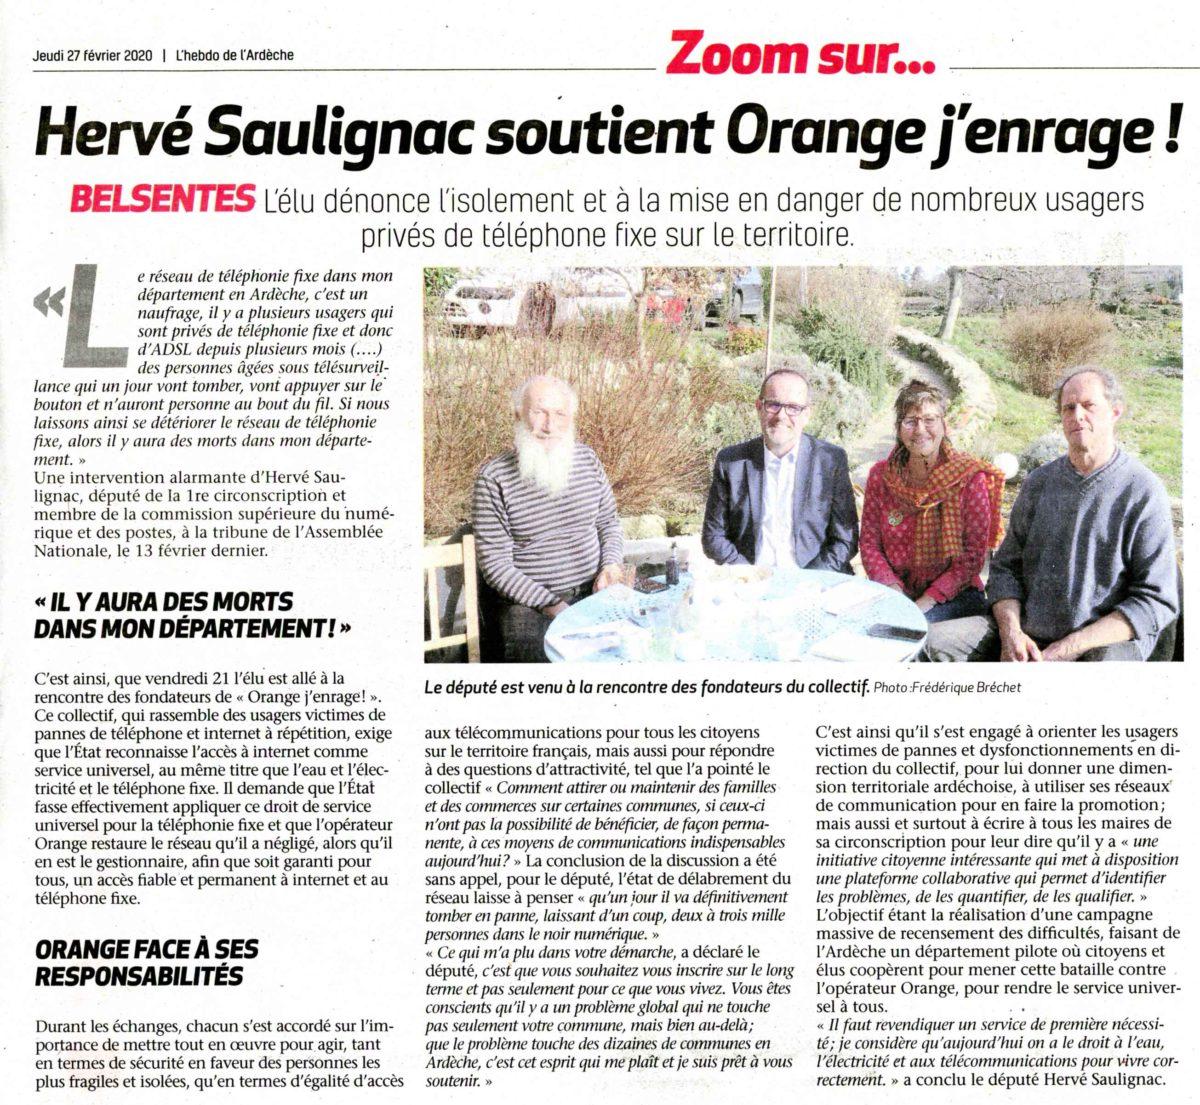 Hervé Saulignac, député de l'Ardèche soutient Orange j'enrage !